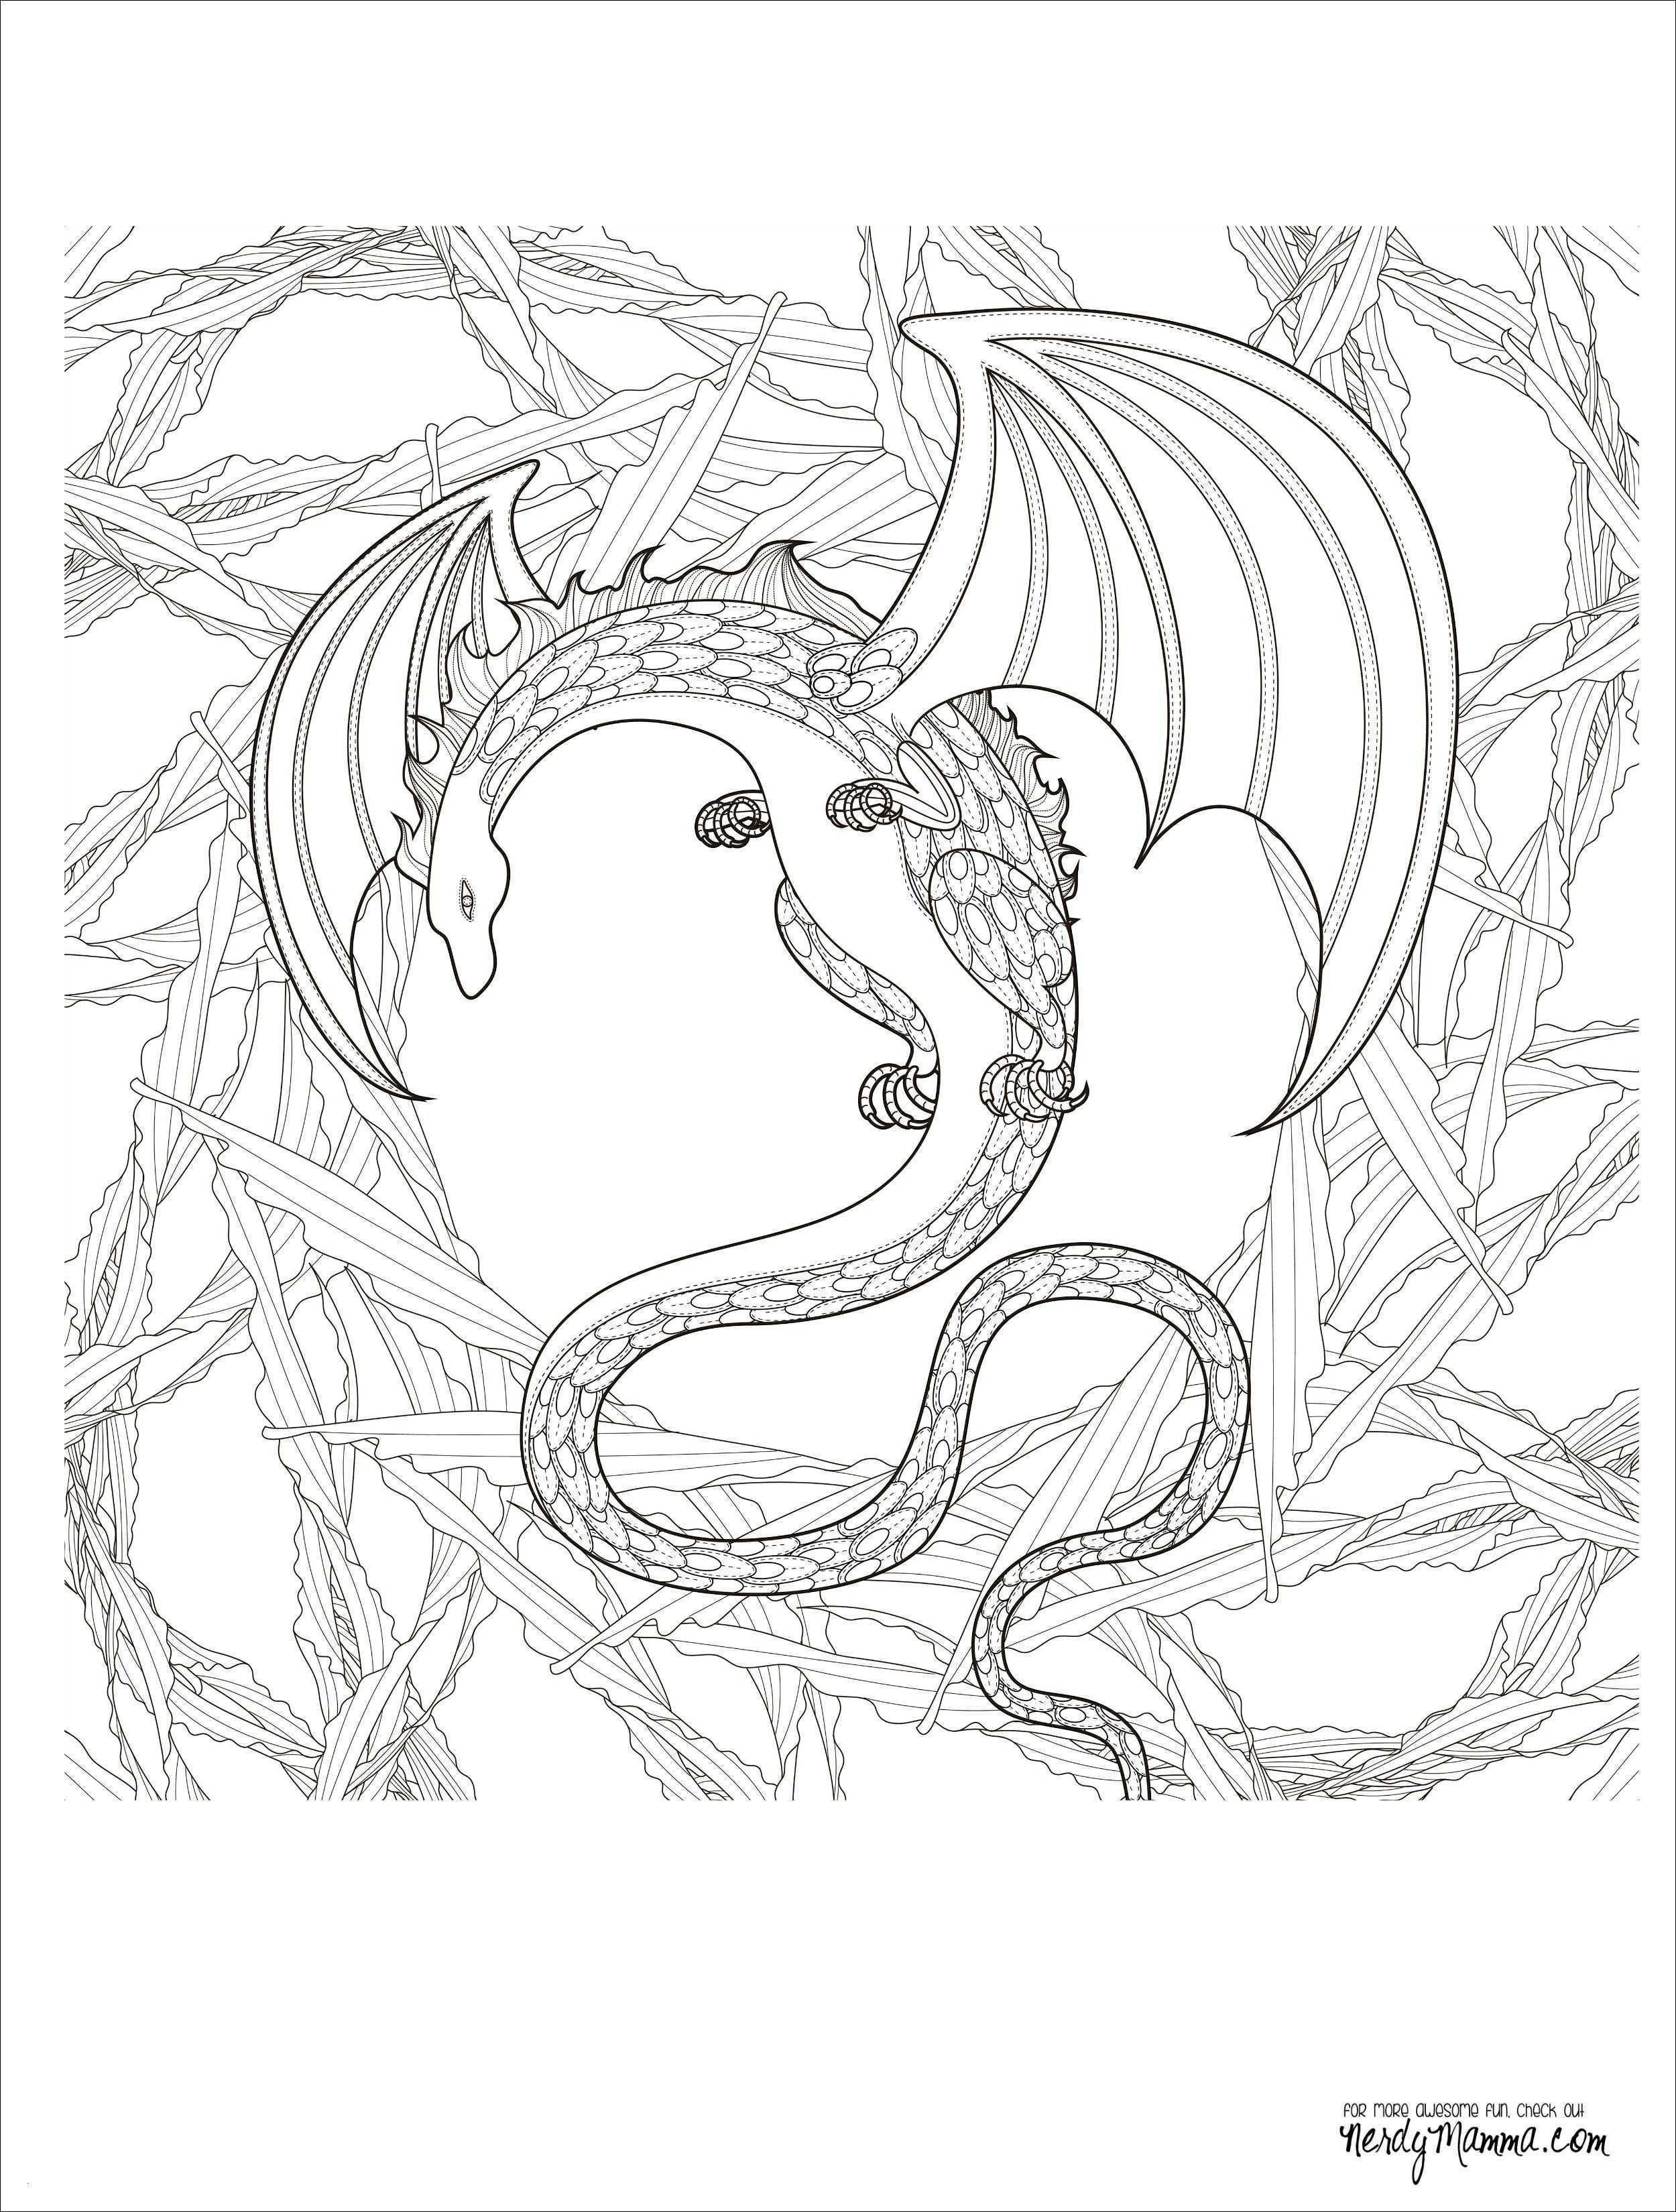 Einhorn Kopf Zum Ausmalen Inspirierend Malvorlagen Erwachsene Pferd Galerie 40 Ausmalbilder Erwachsene Das Bild